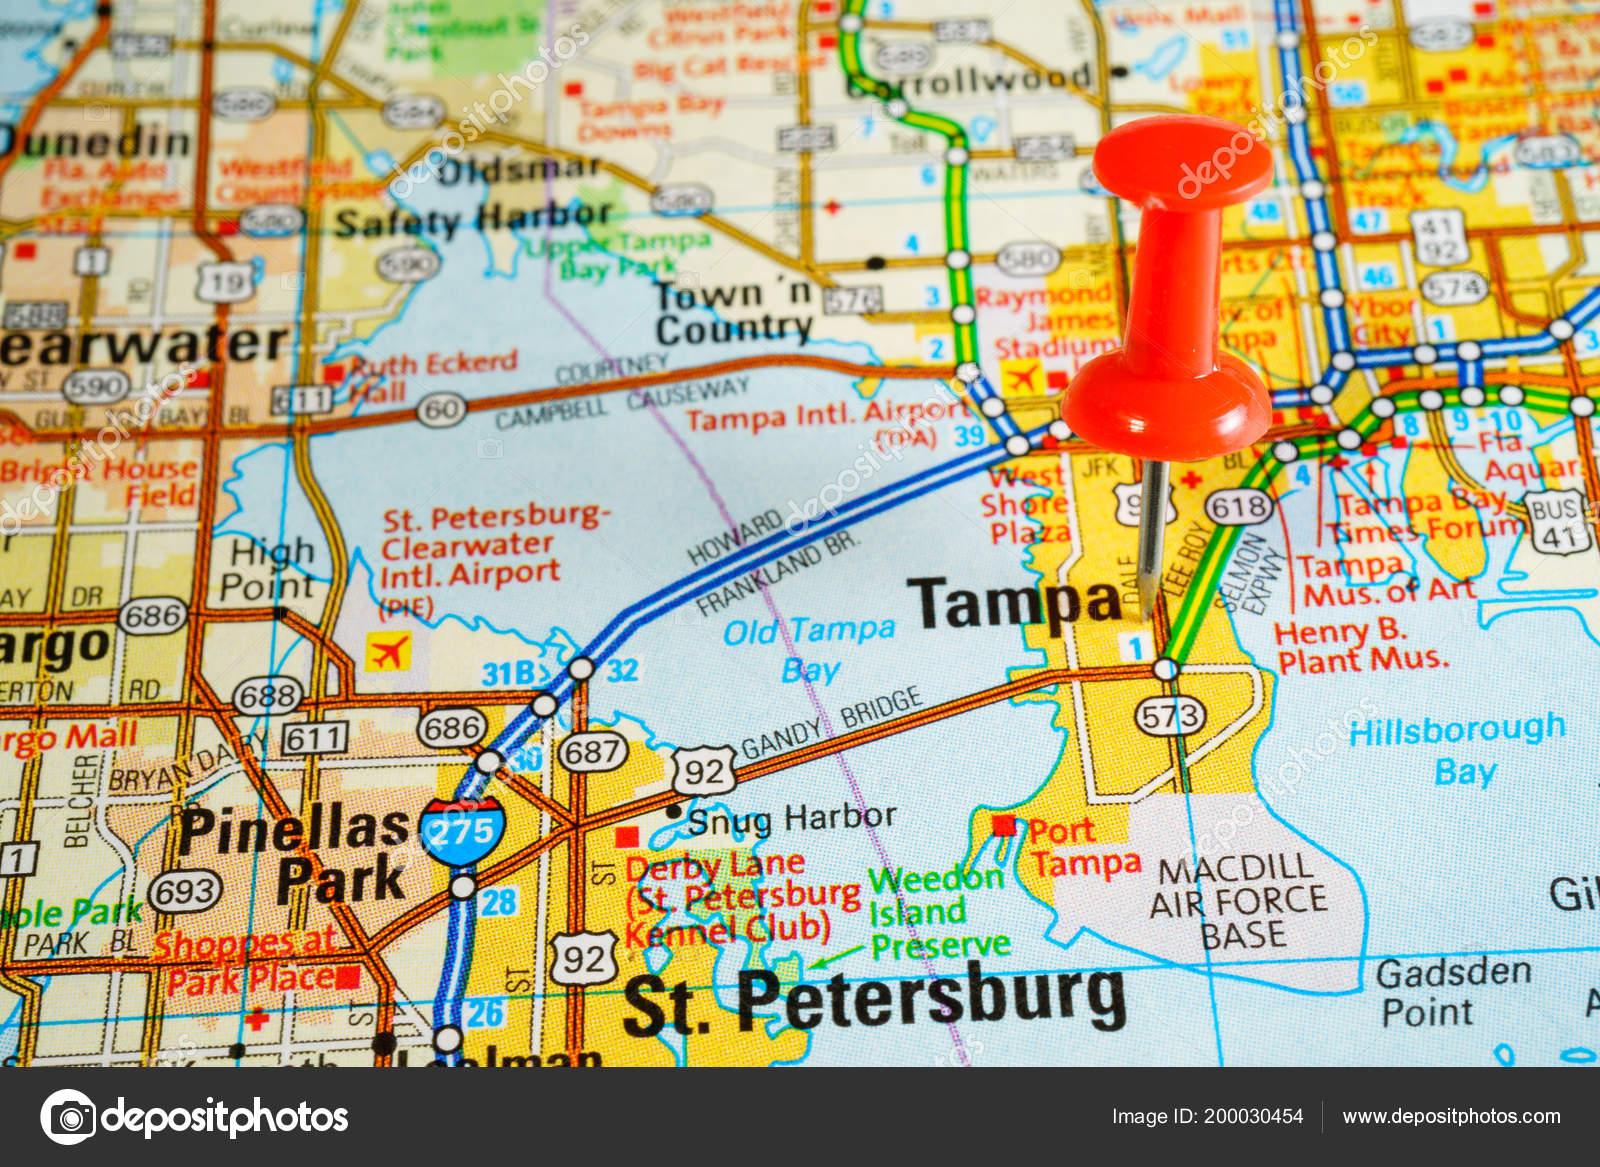 Florida Cities Map.Florida Cities Map Stock Photo C Aallm 200030454